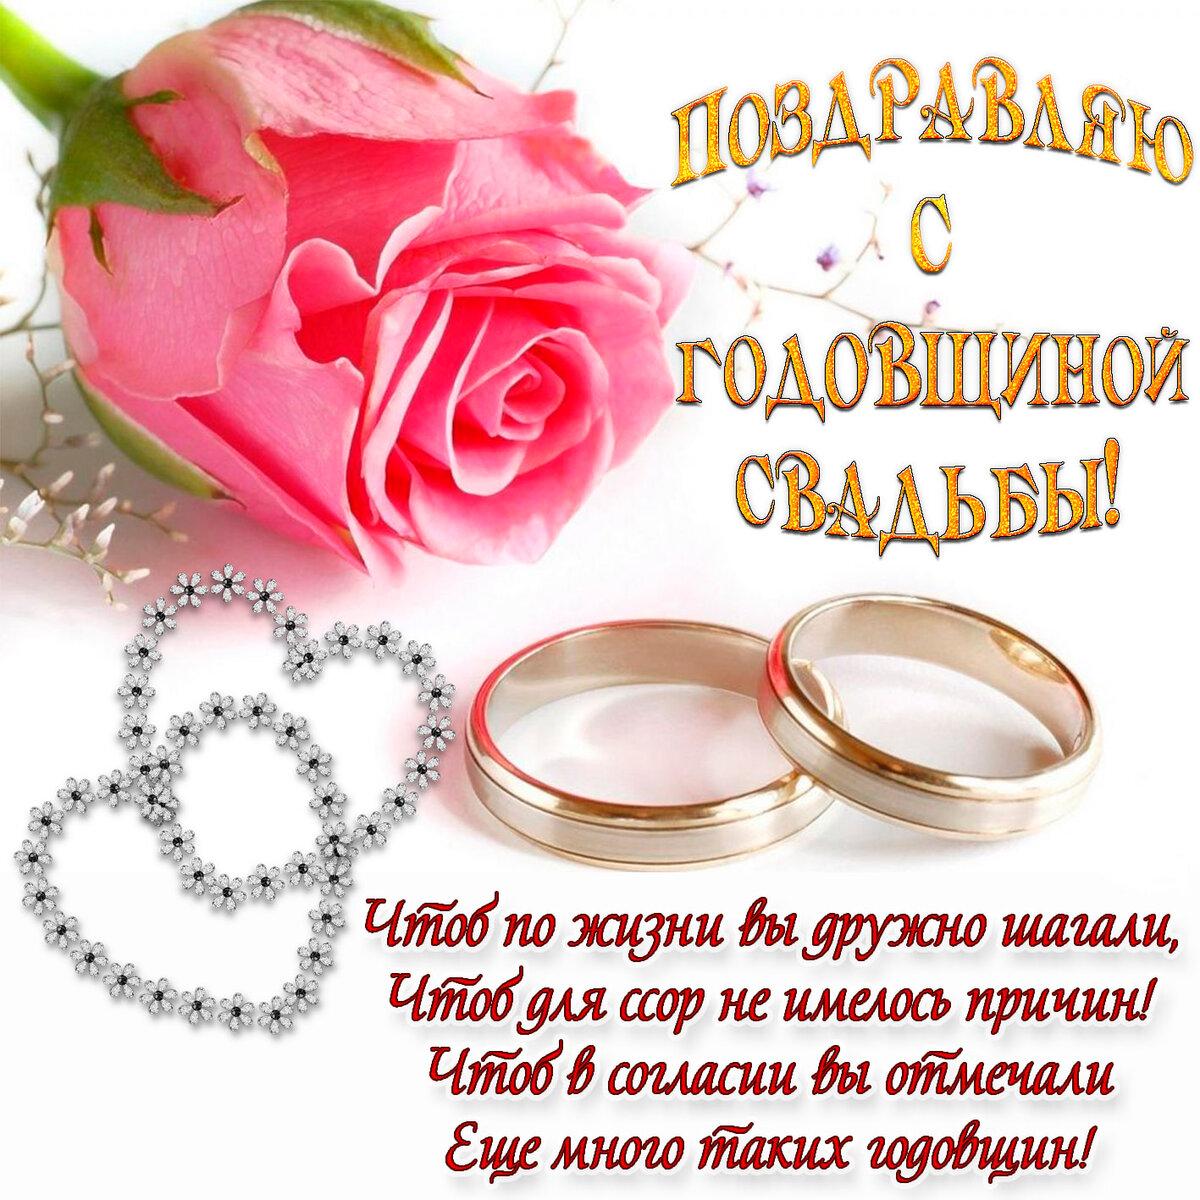 Поздравления с 1 год свадьбы смс короткие